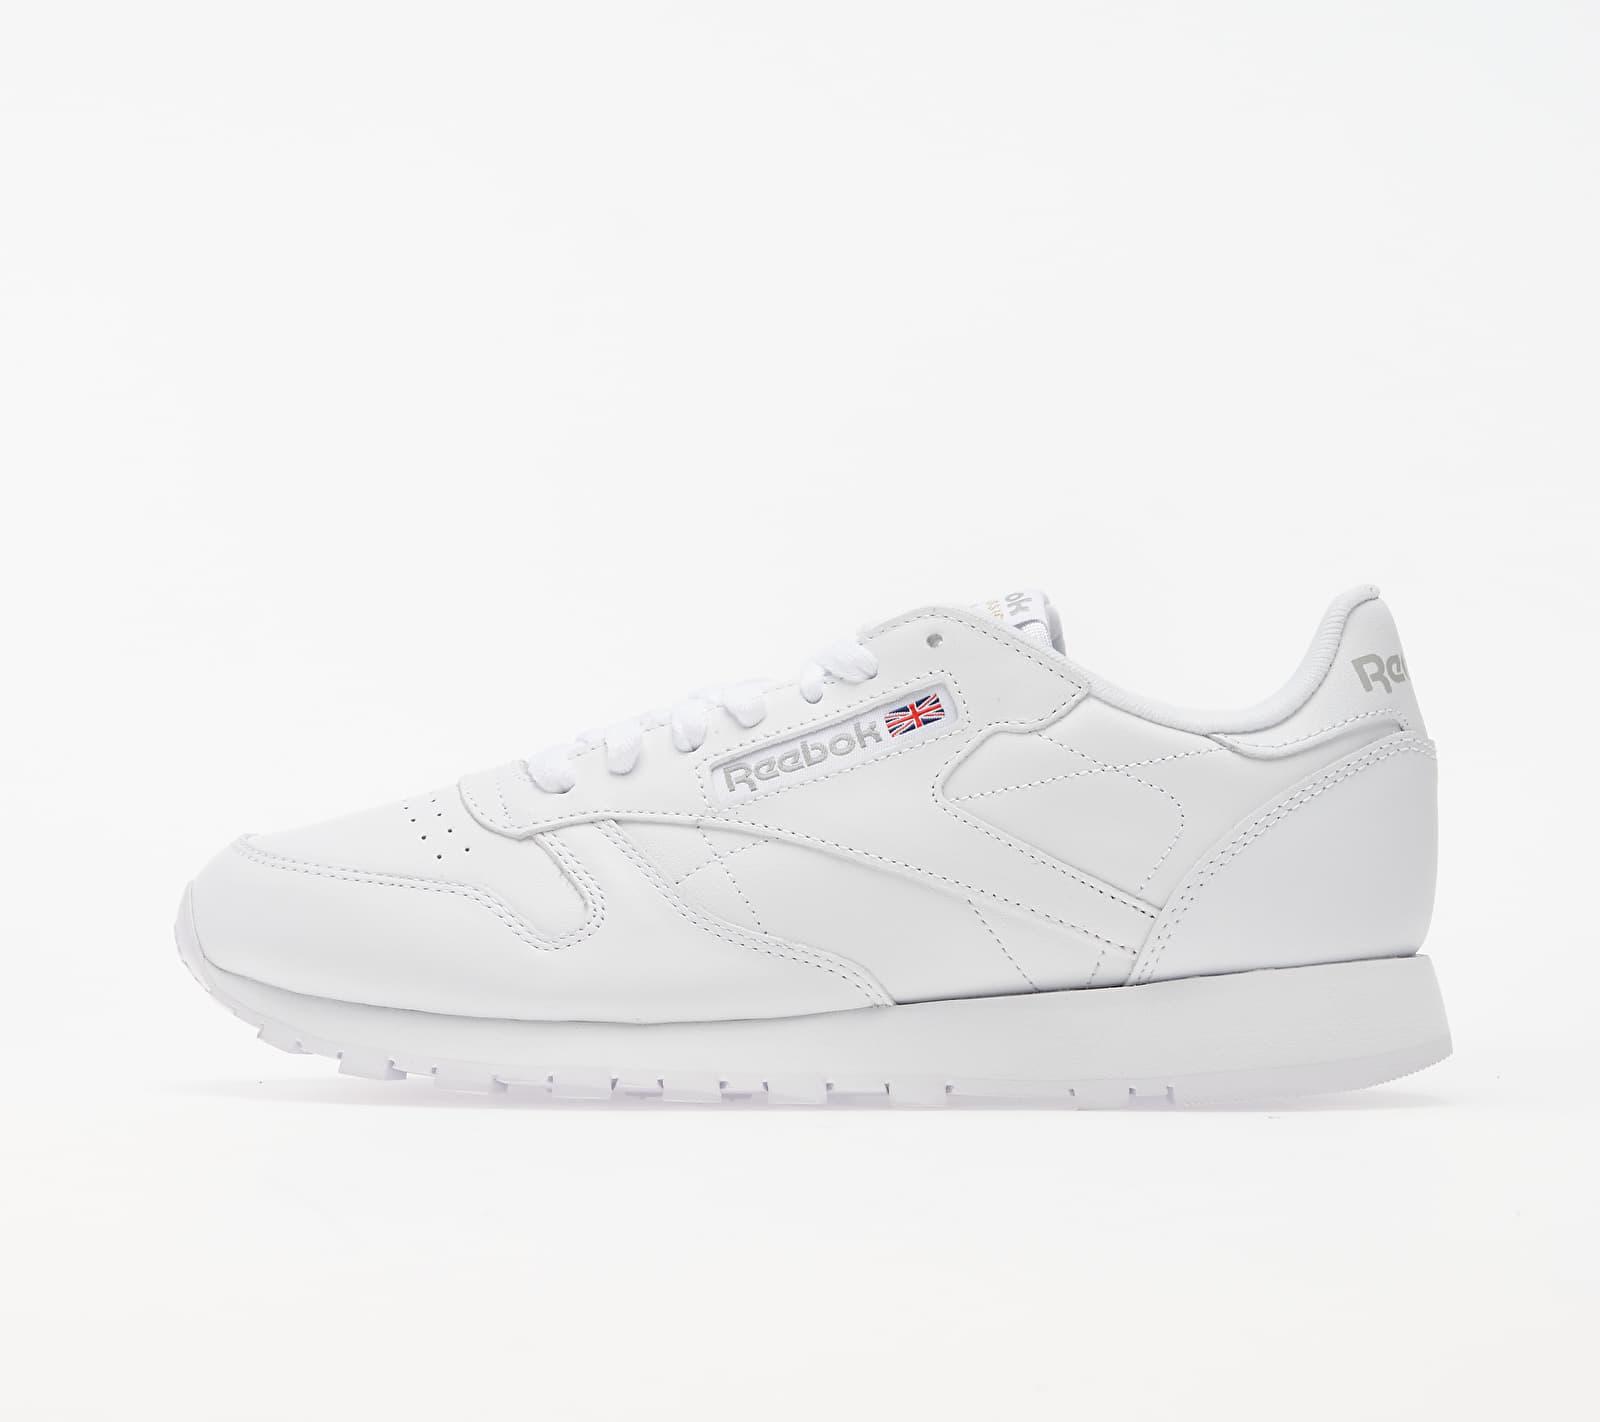 Reebok Classic Leather White/ White/ Light Grey EUR 41